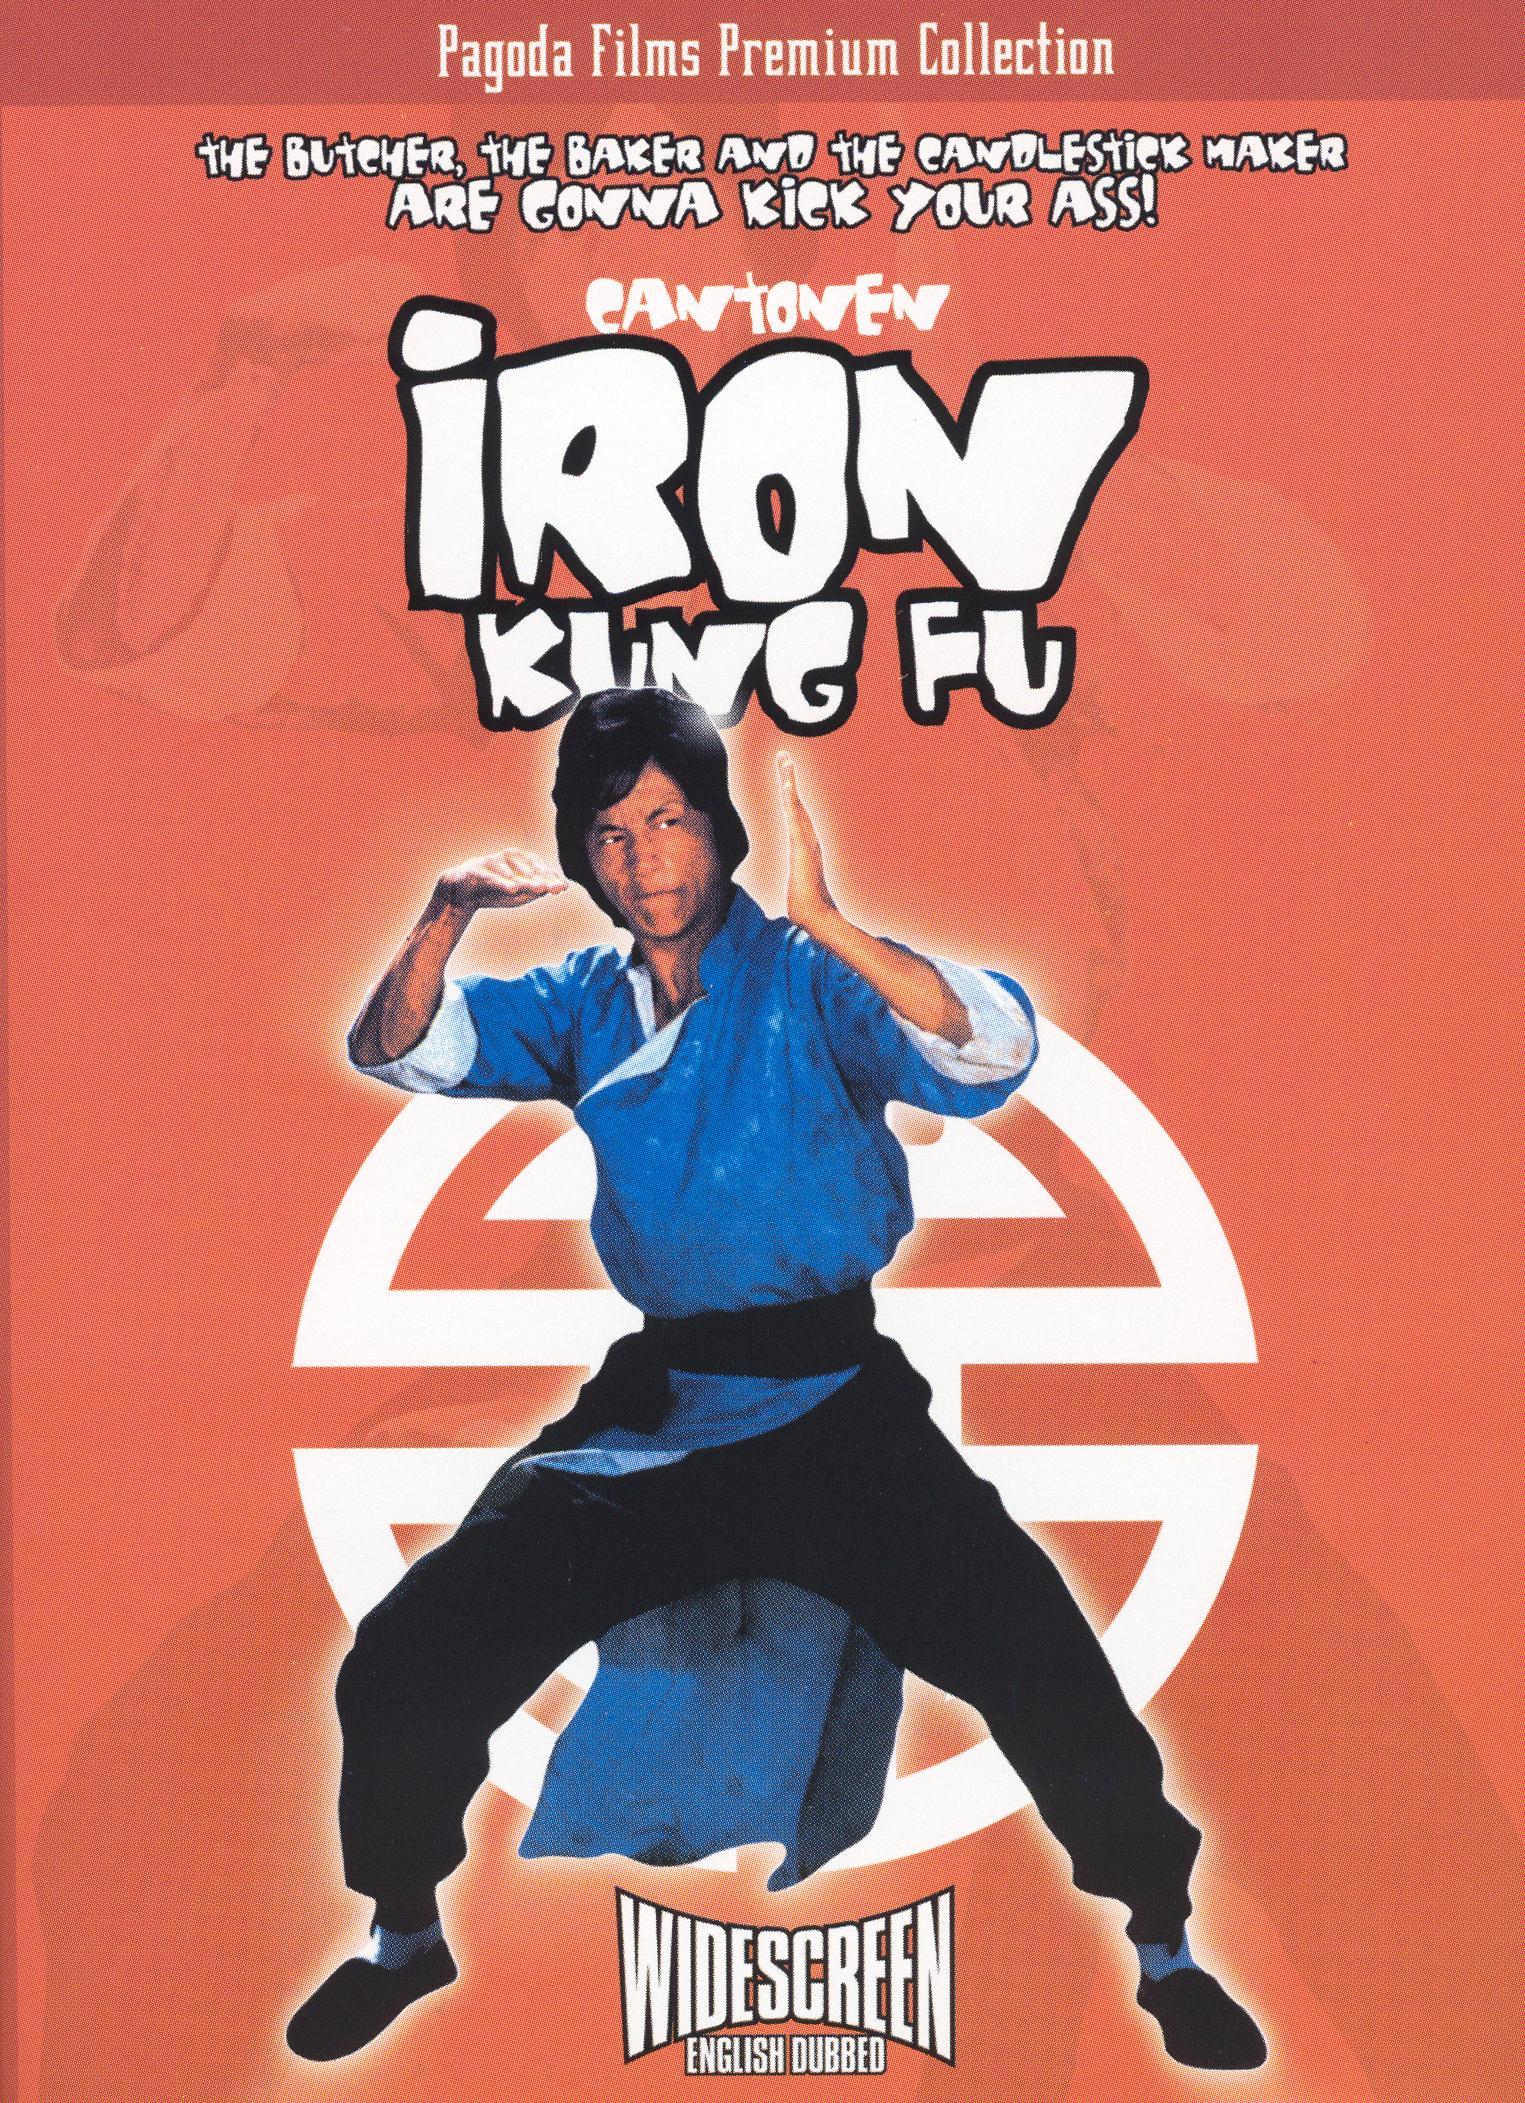 Cantonen Iron Kung Fu Men